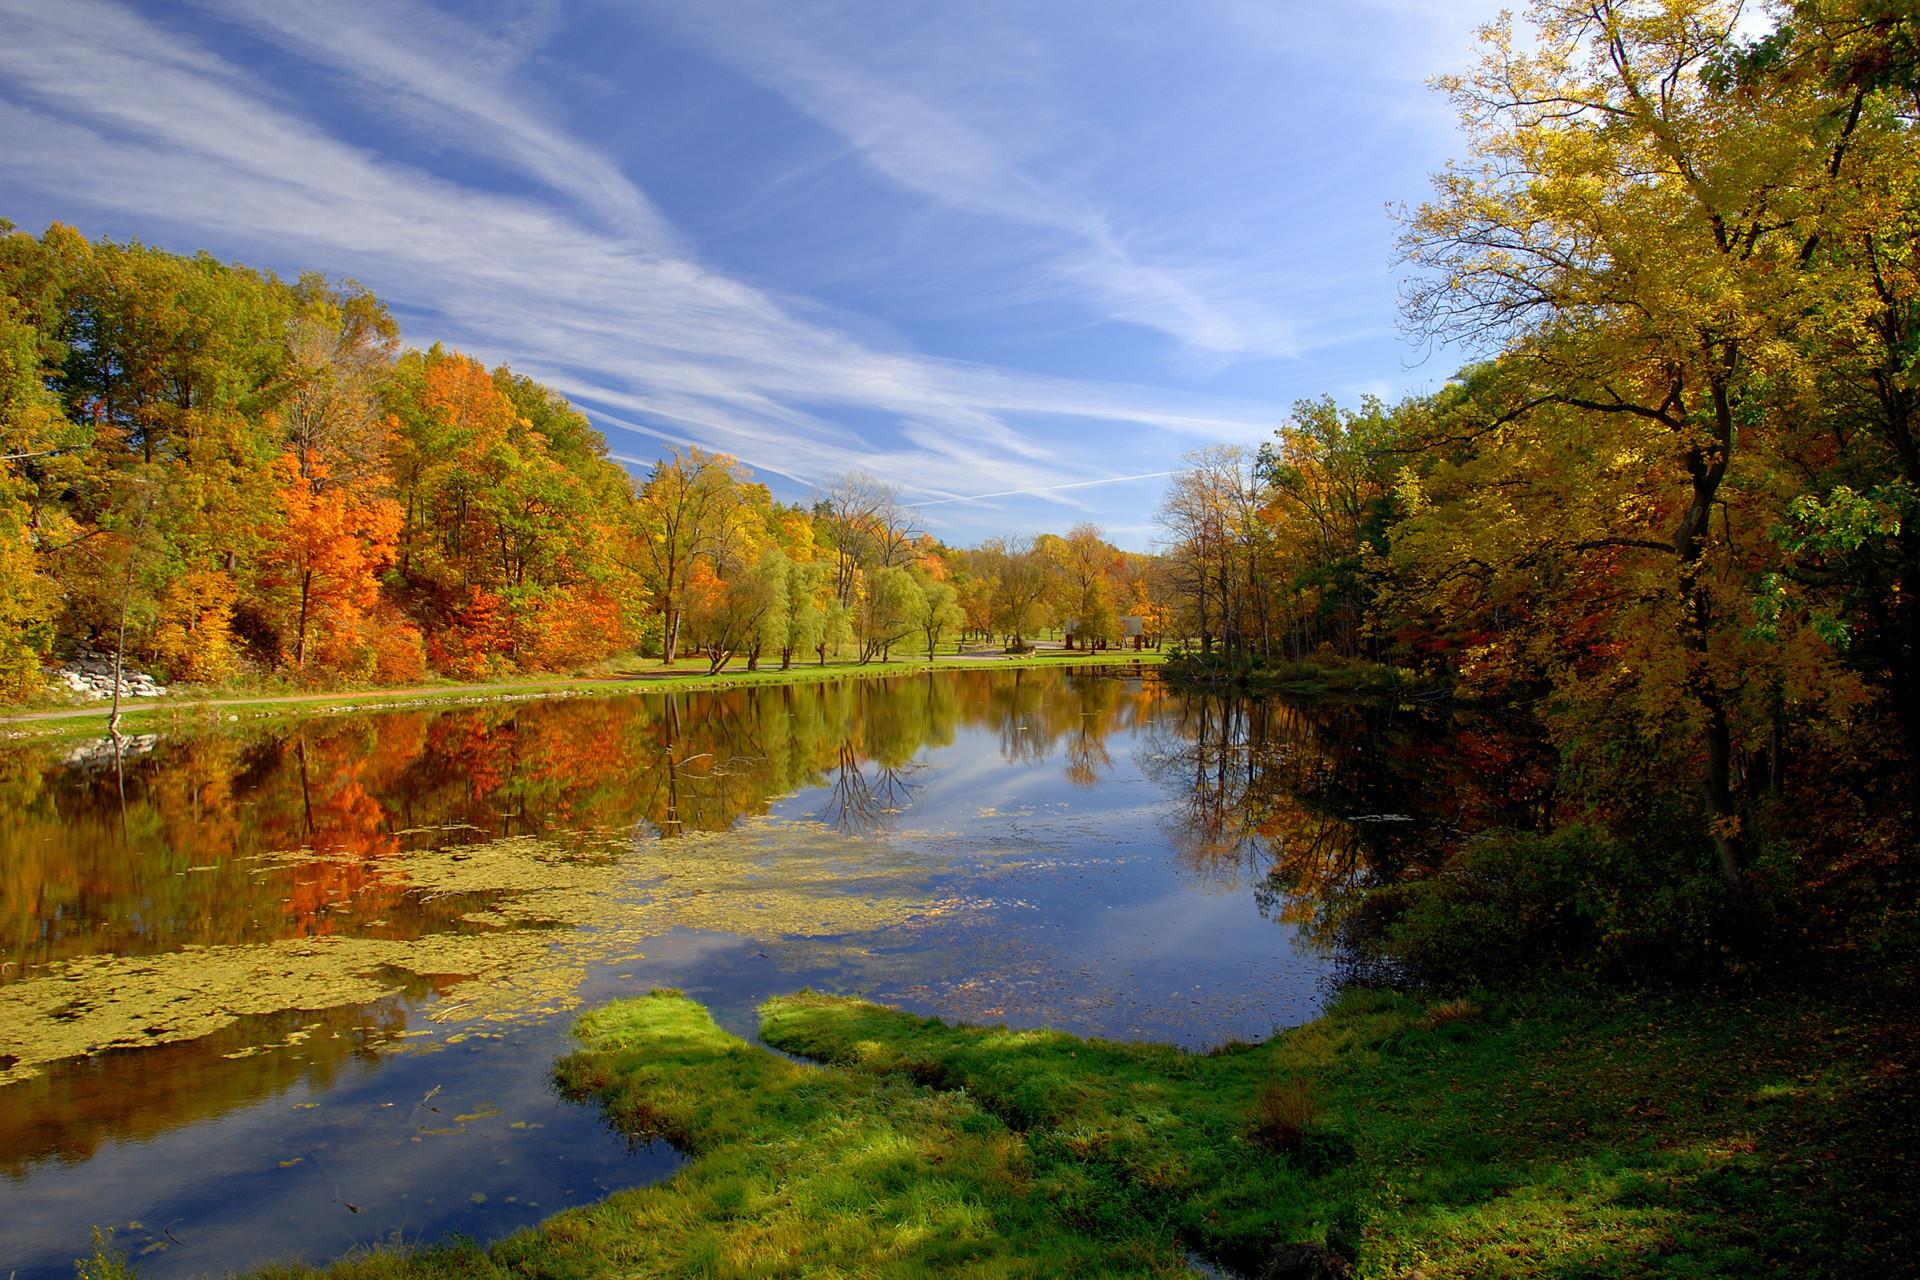 20832 скачать обои Пейзаж, Река, Деревья, Осень - заставки и картинки бесплатно